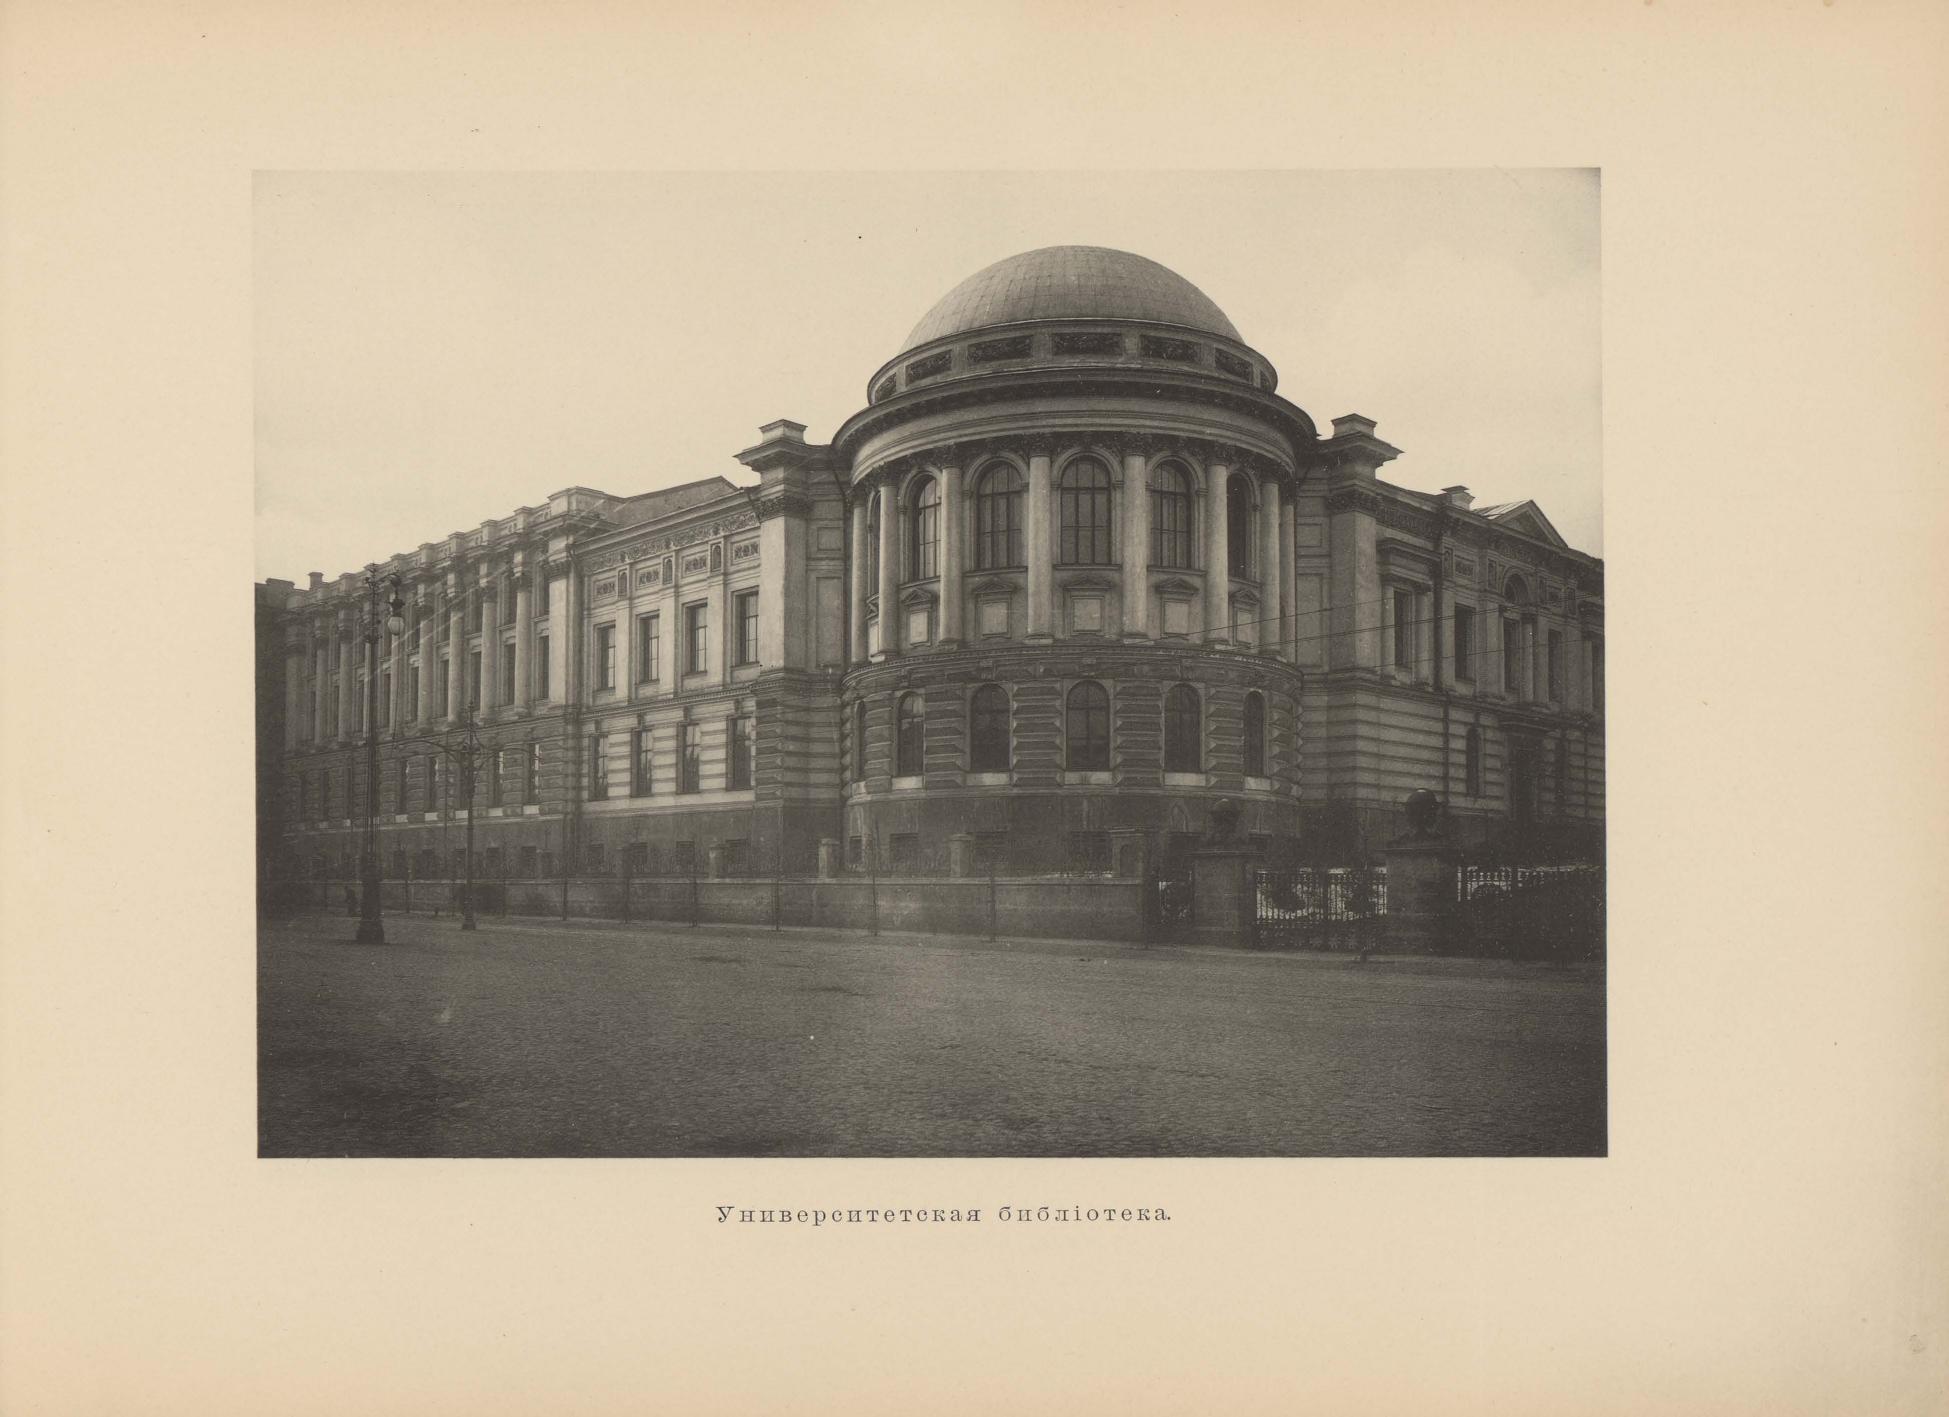 все правильно императорские университеты россии картинки пятна